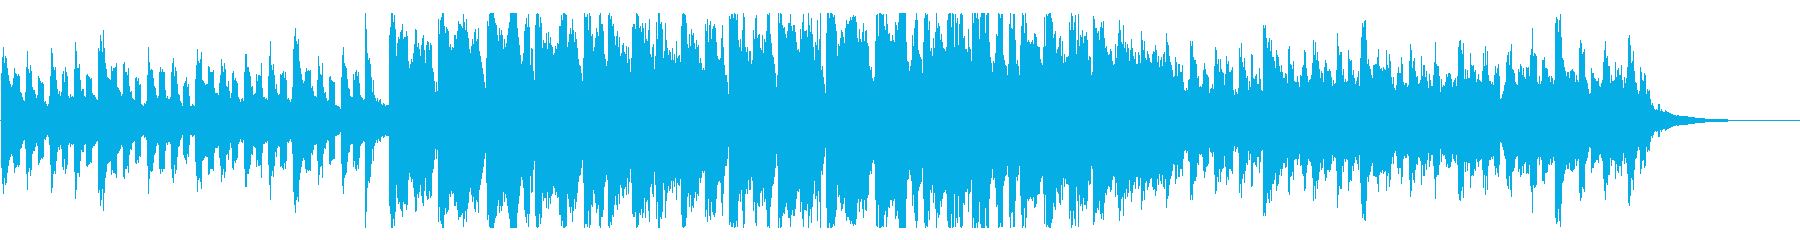 聖夜 クリスマス ミディアムテンポBGMの再生済みの波形